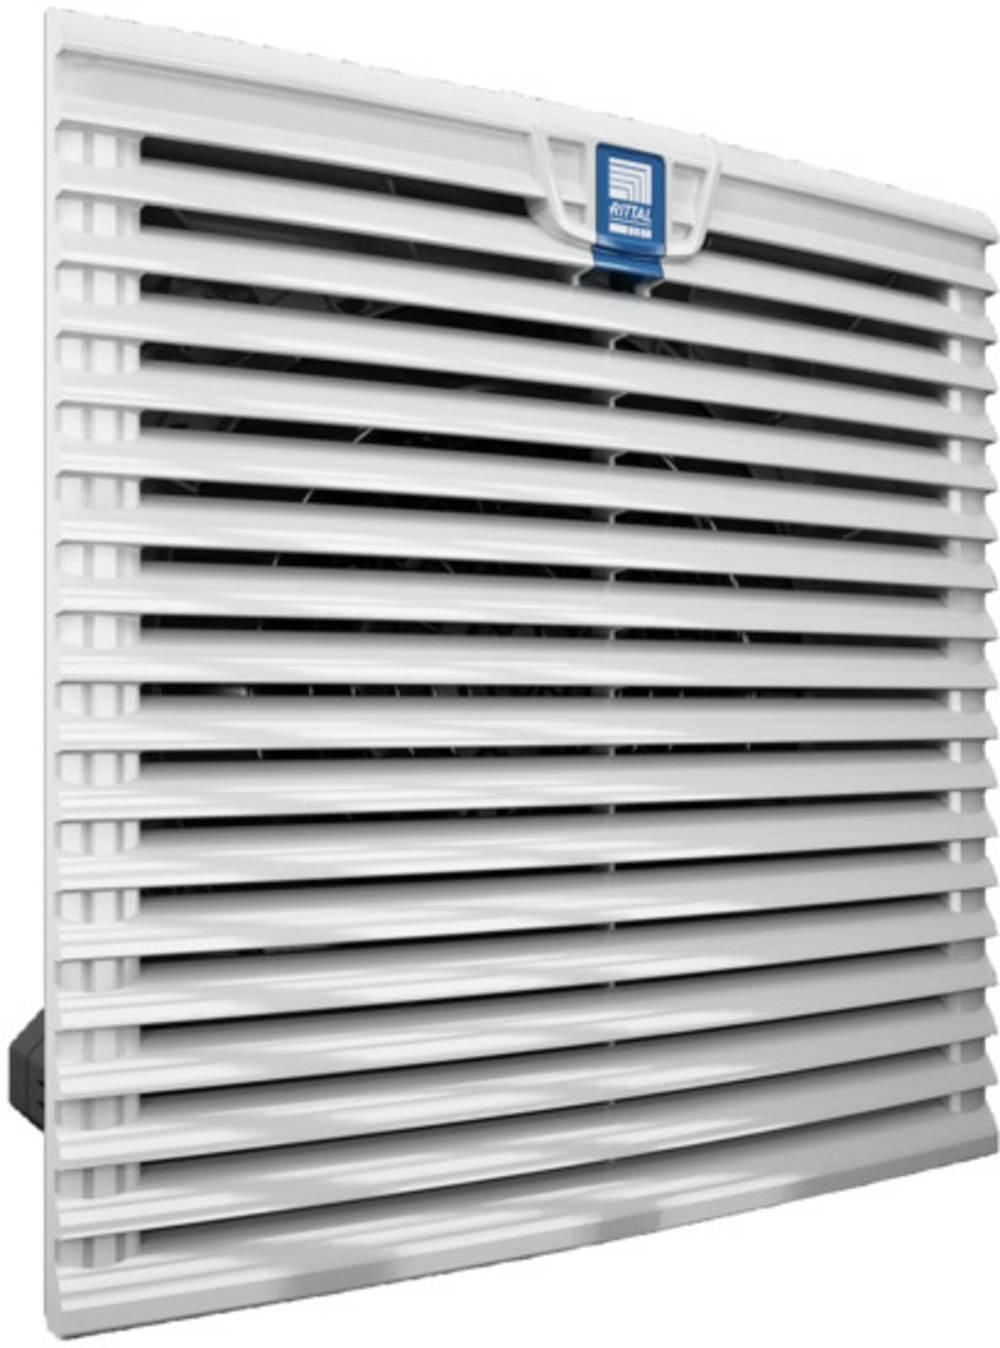 Rittal-Ventilator filtera 3243.110, 323x323mm